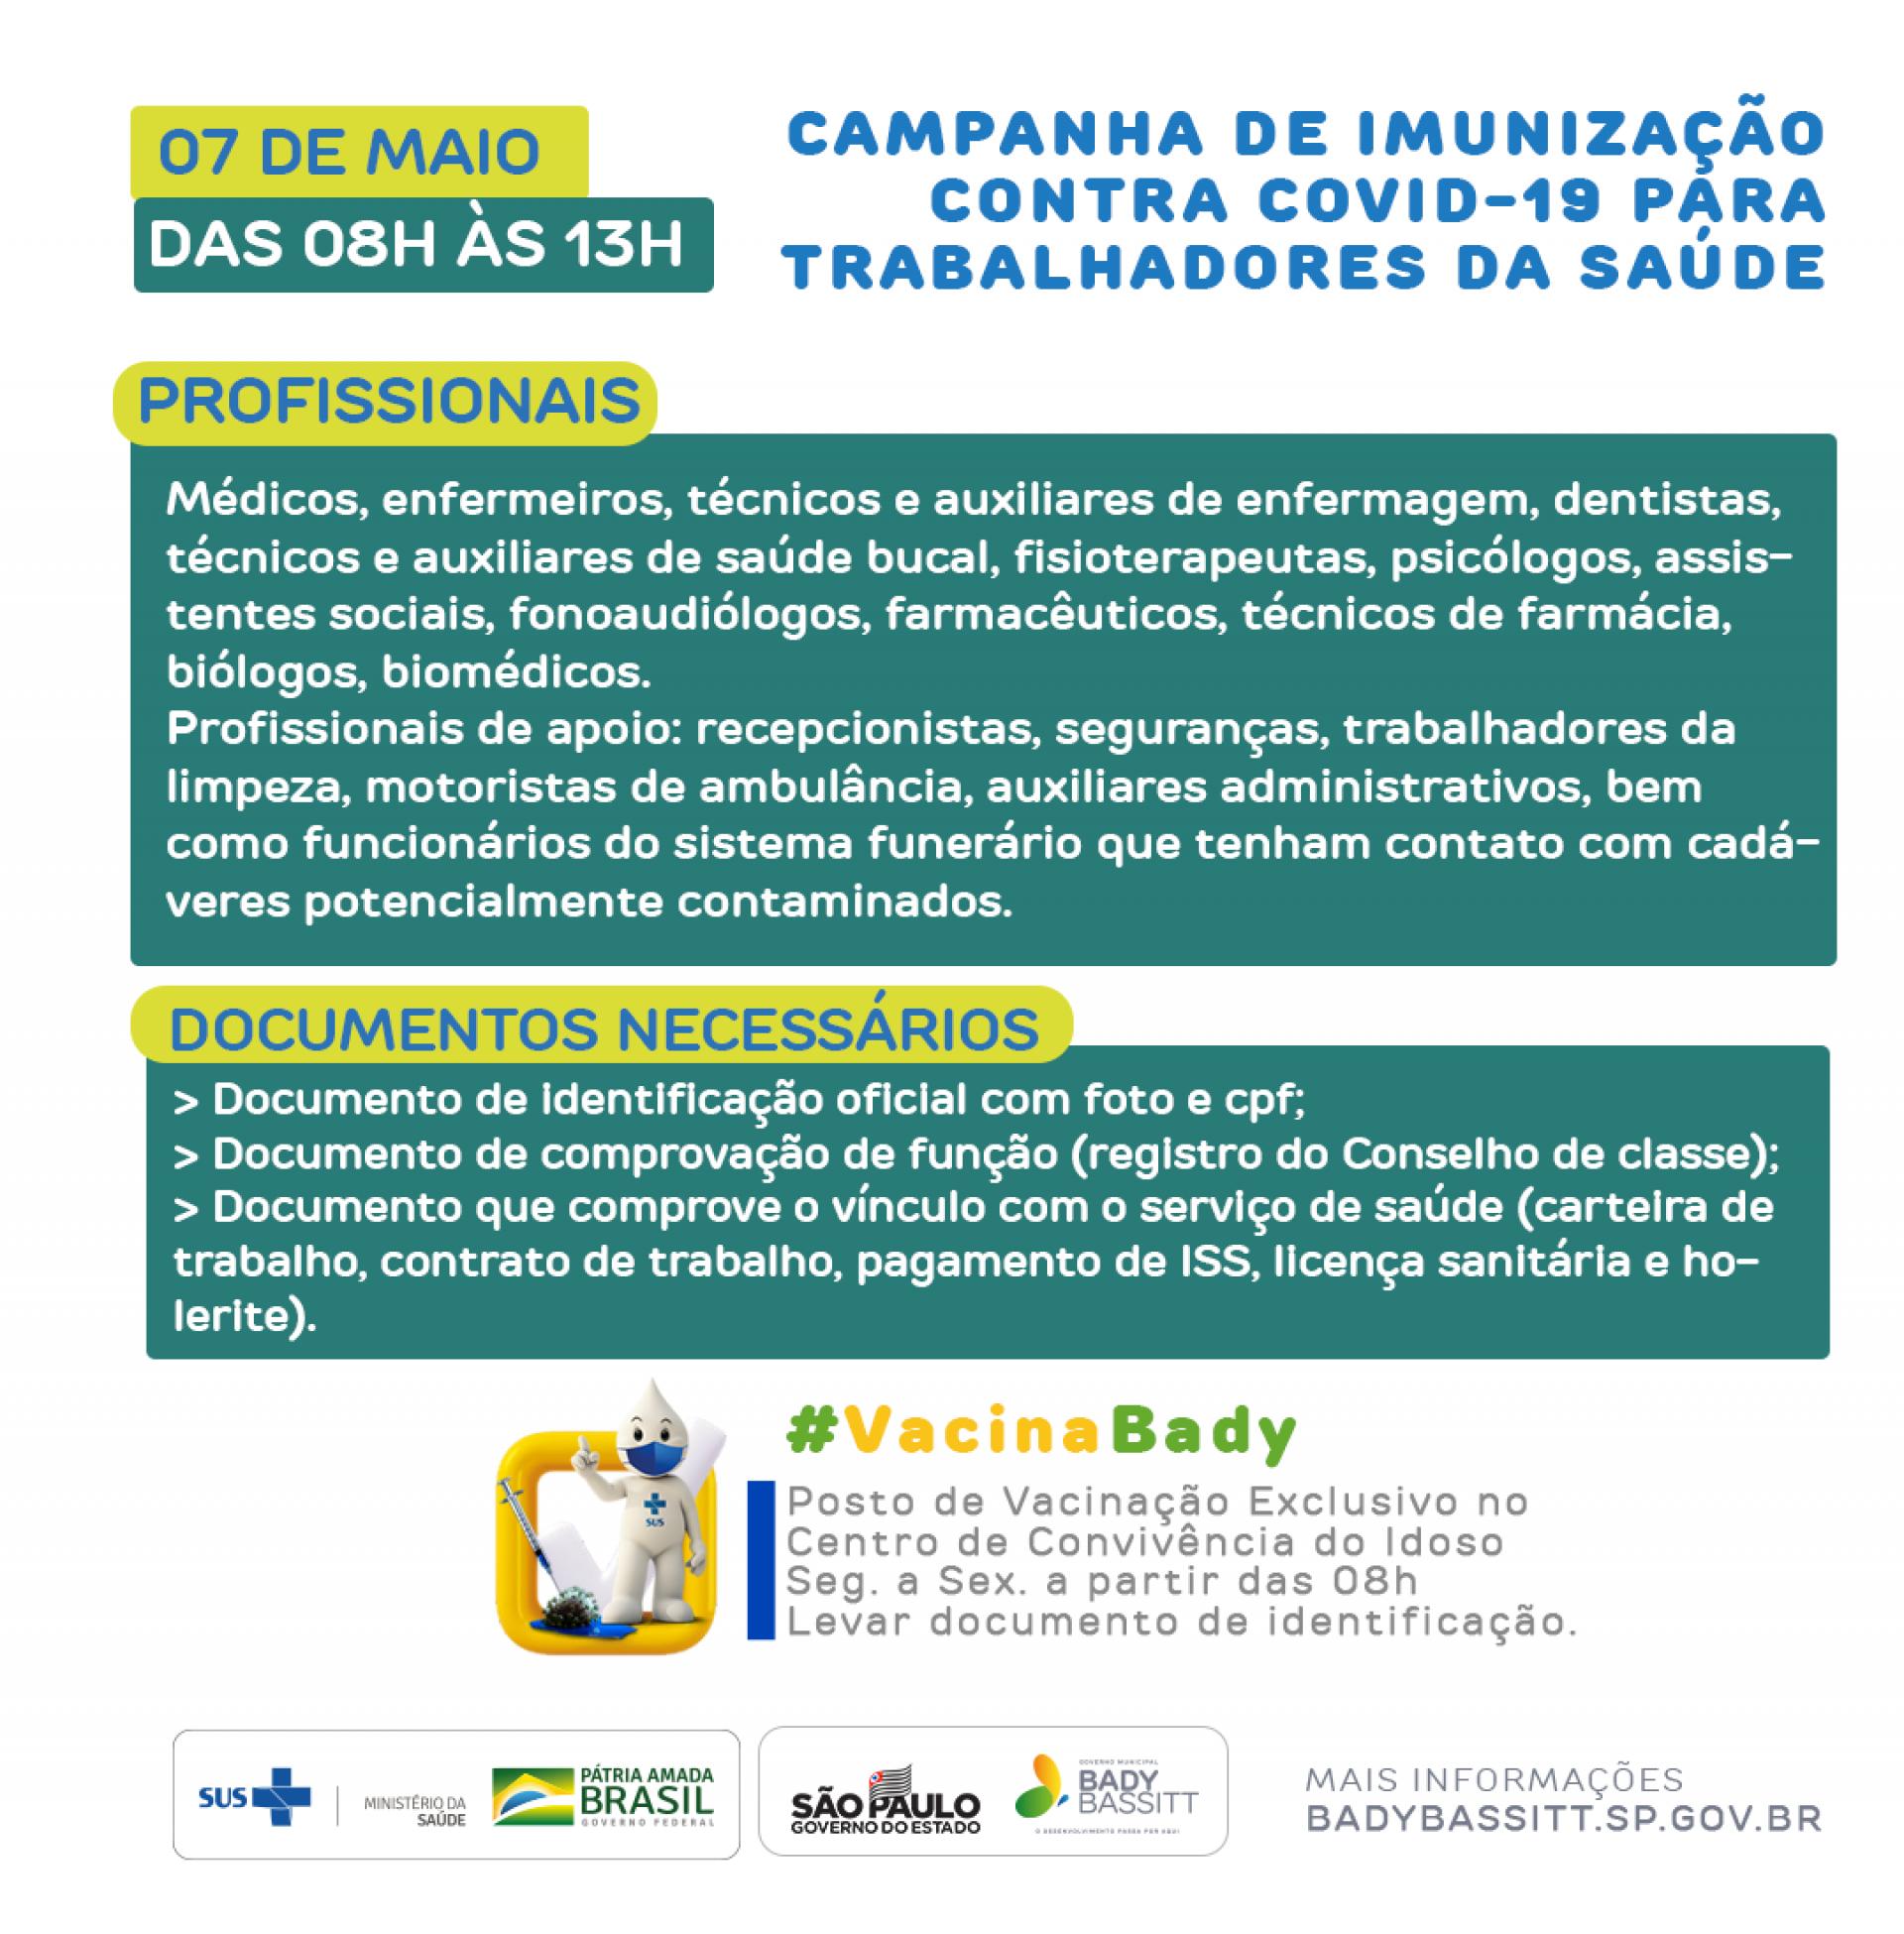 Bady Bassitt retoma vacinação em profissionais da saúde nesta sexta-feira